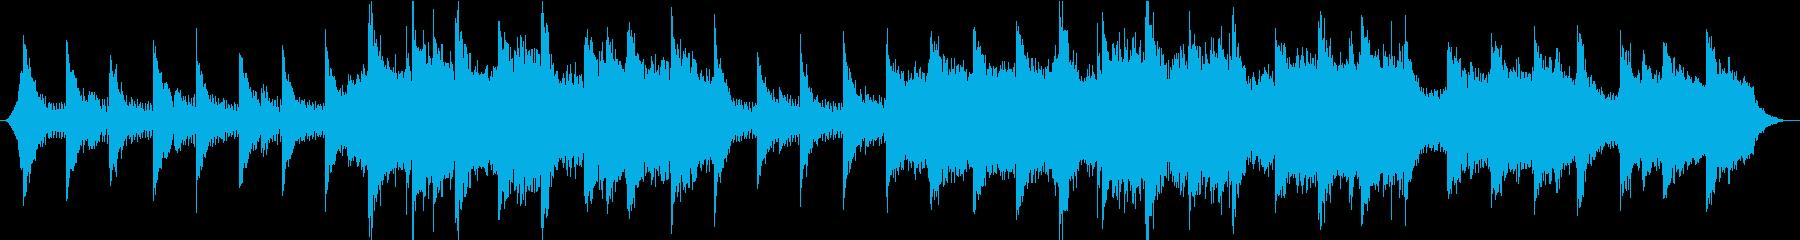 浮遊感と静寂の夜をイメージしたBGMの再生済みの波形